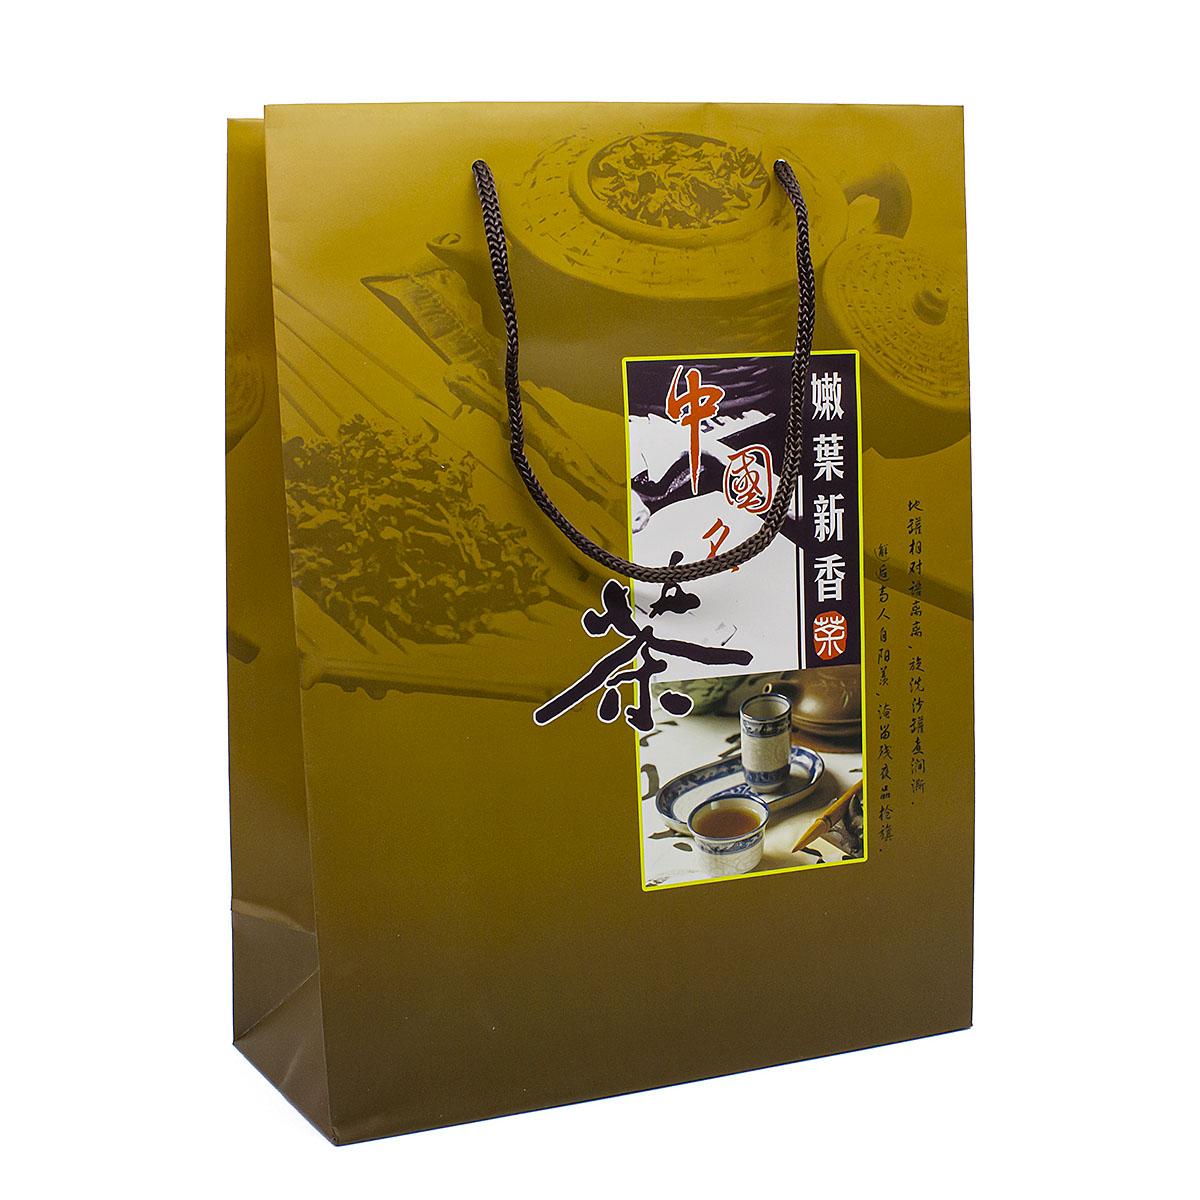 Пакет подарочный Чайный бутик, 31х23 см